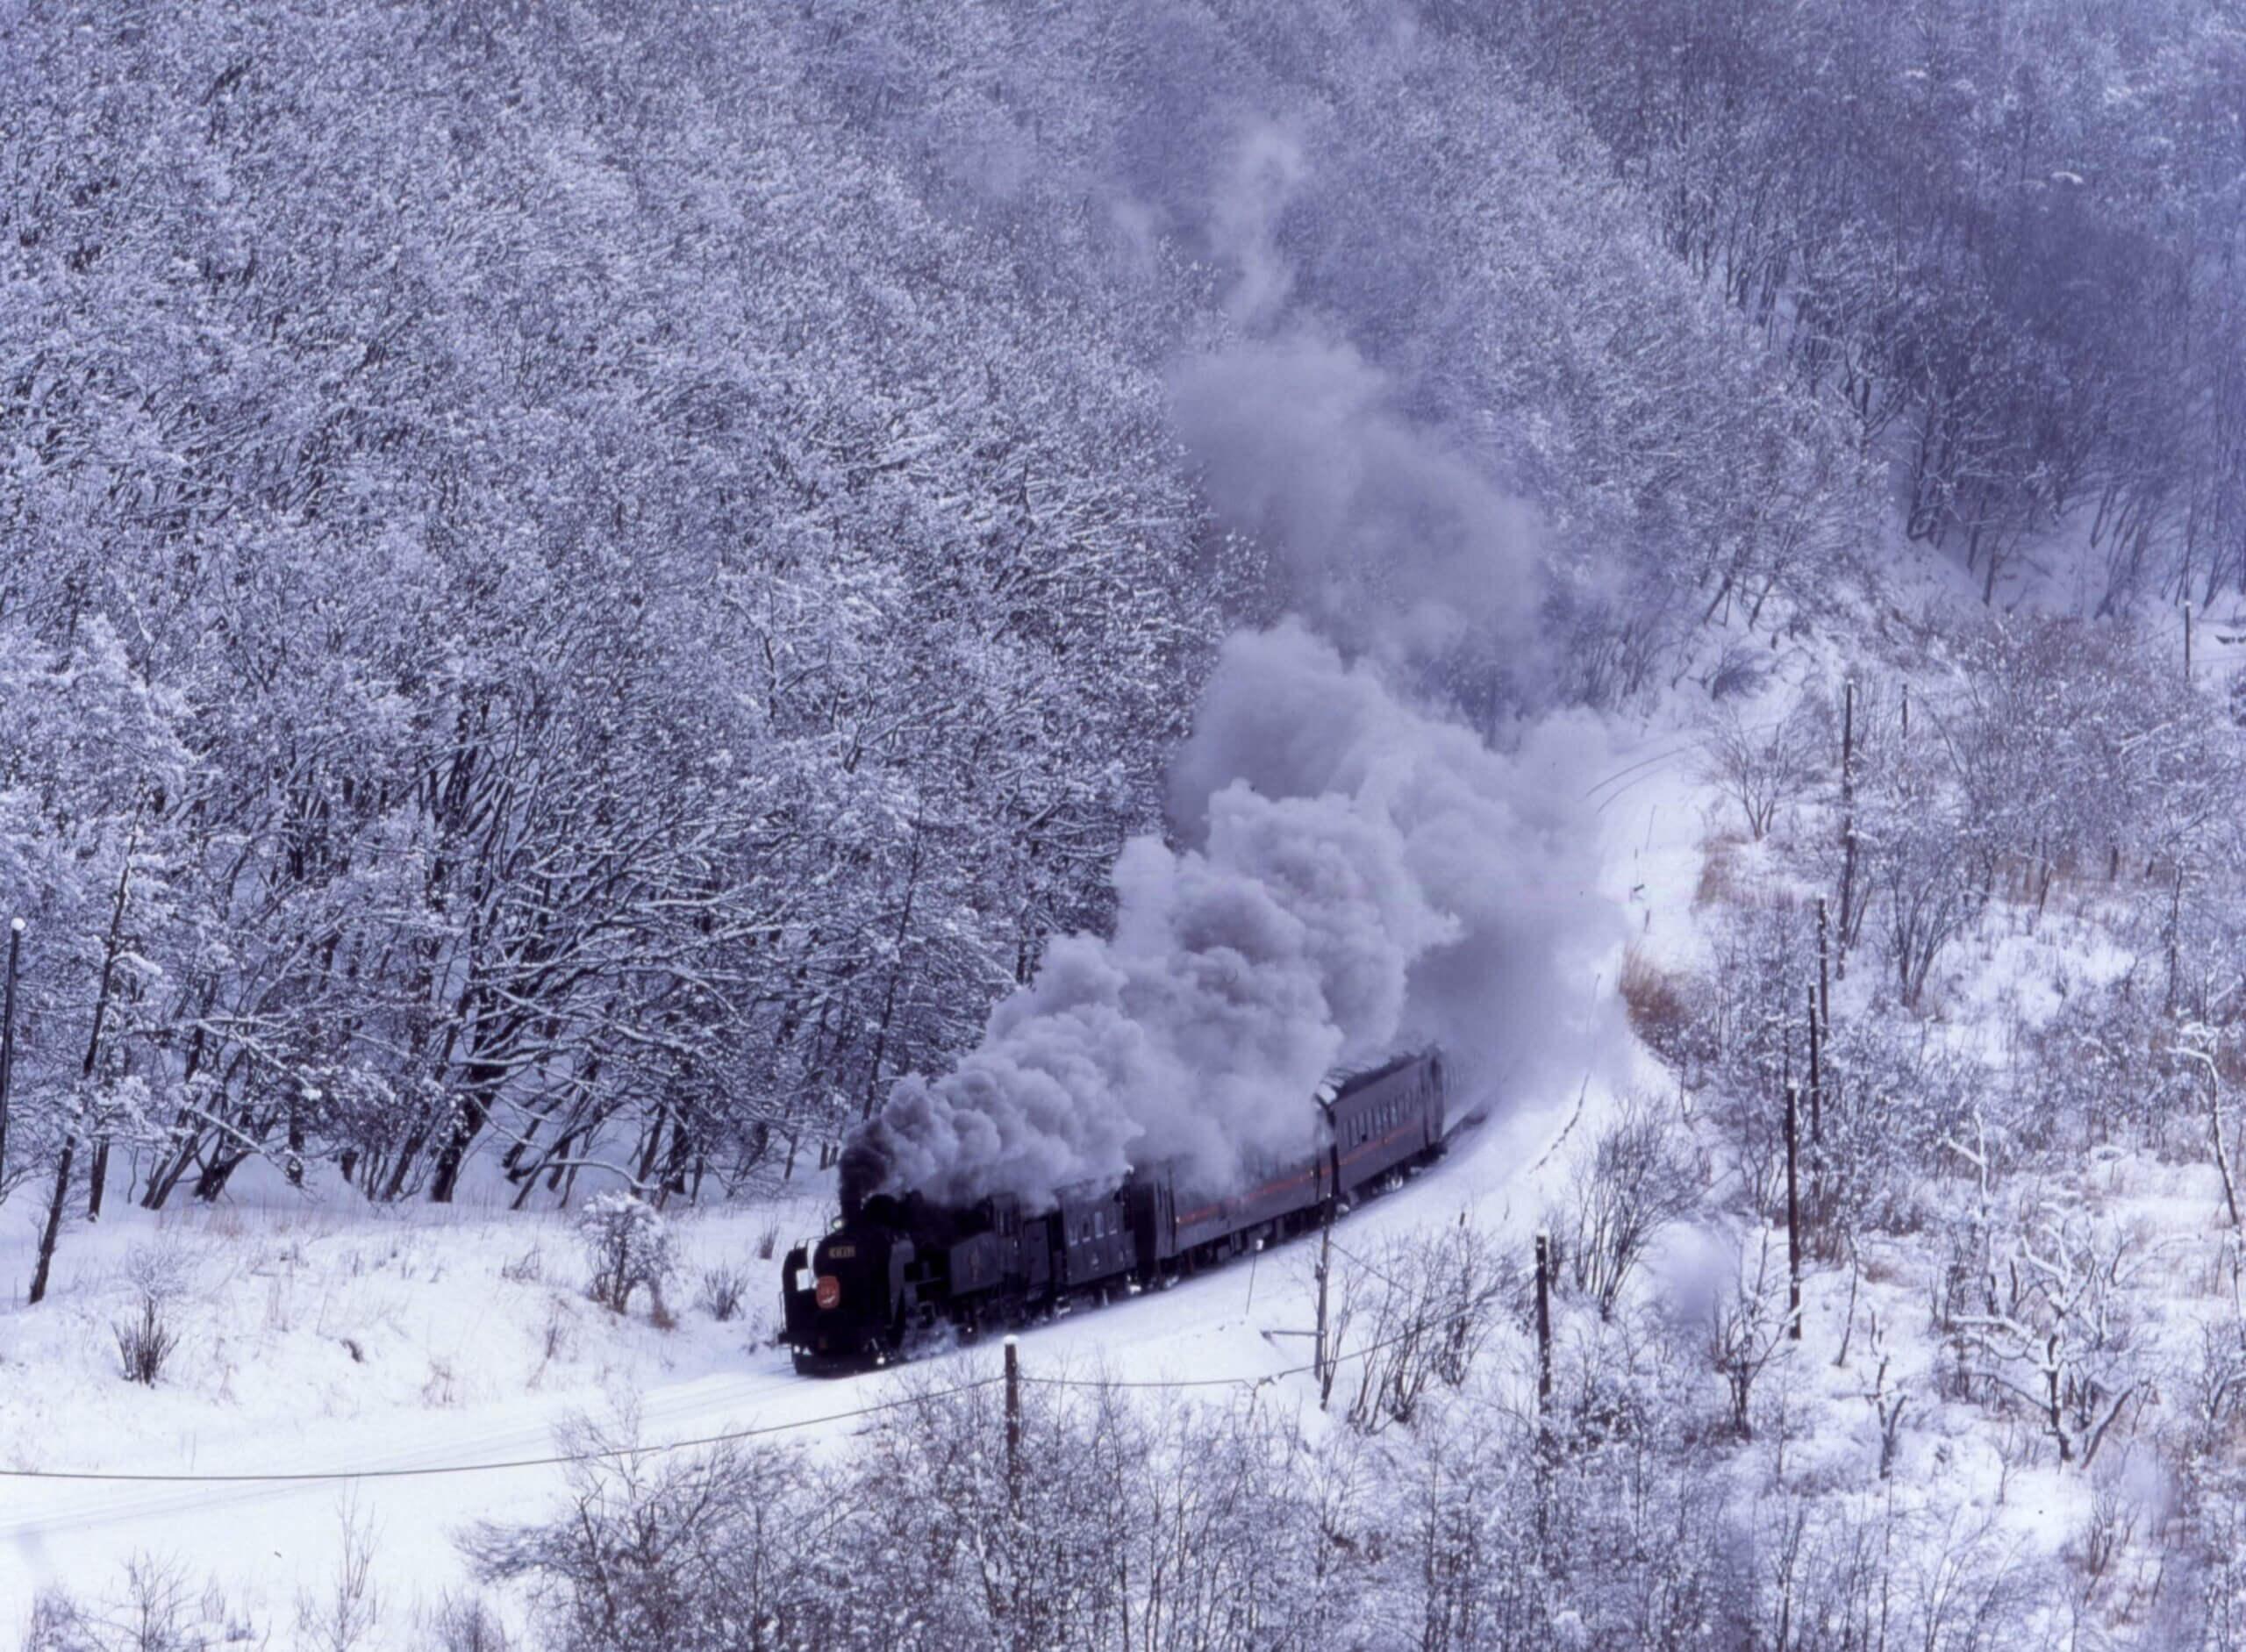 鐵道迷指定必訪名車!「SL冬季濕原號」